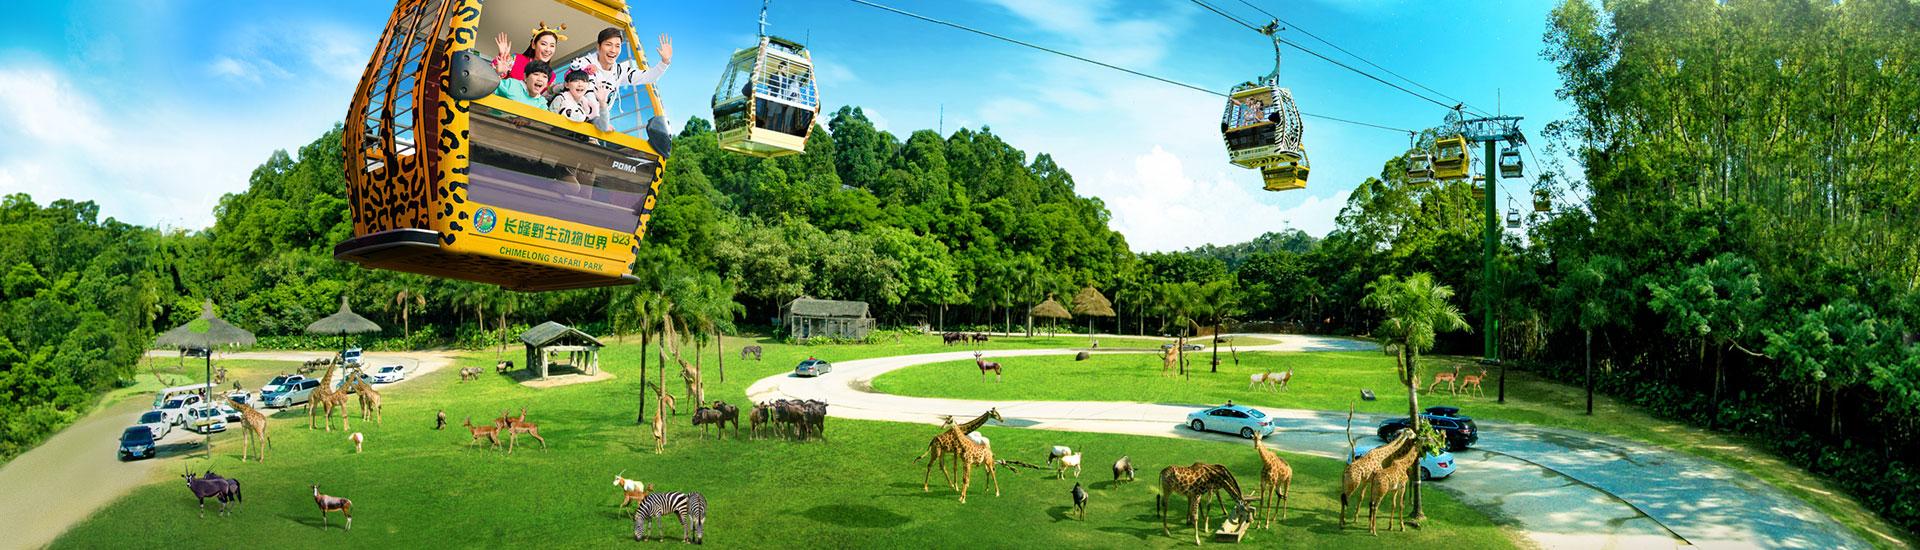 广州长隆野生动物世界电子门票/走进大自然/家庭亲子必游/免费缆车